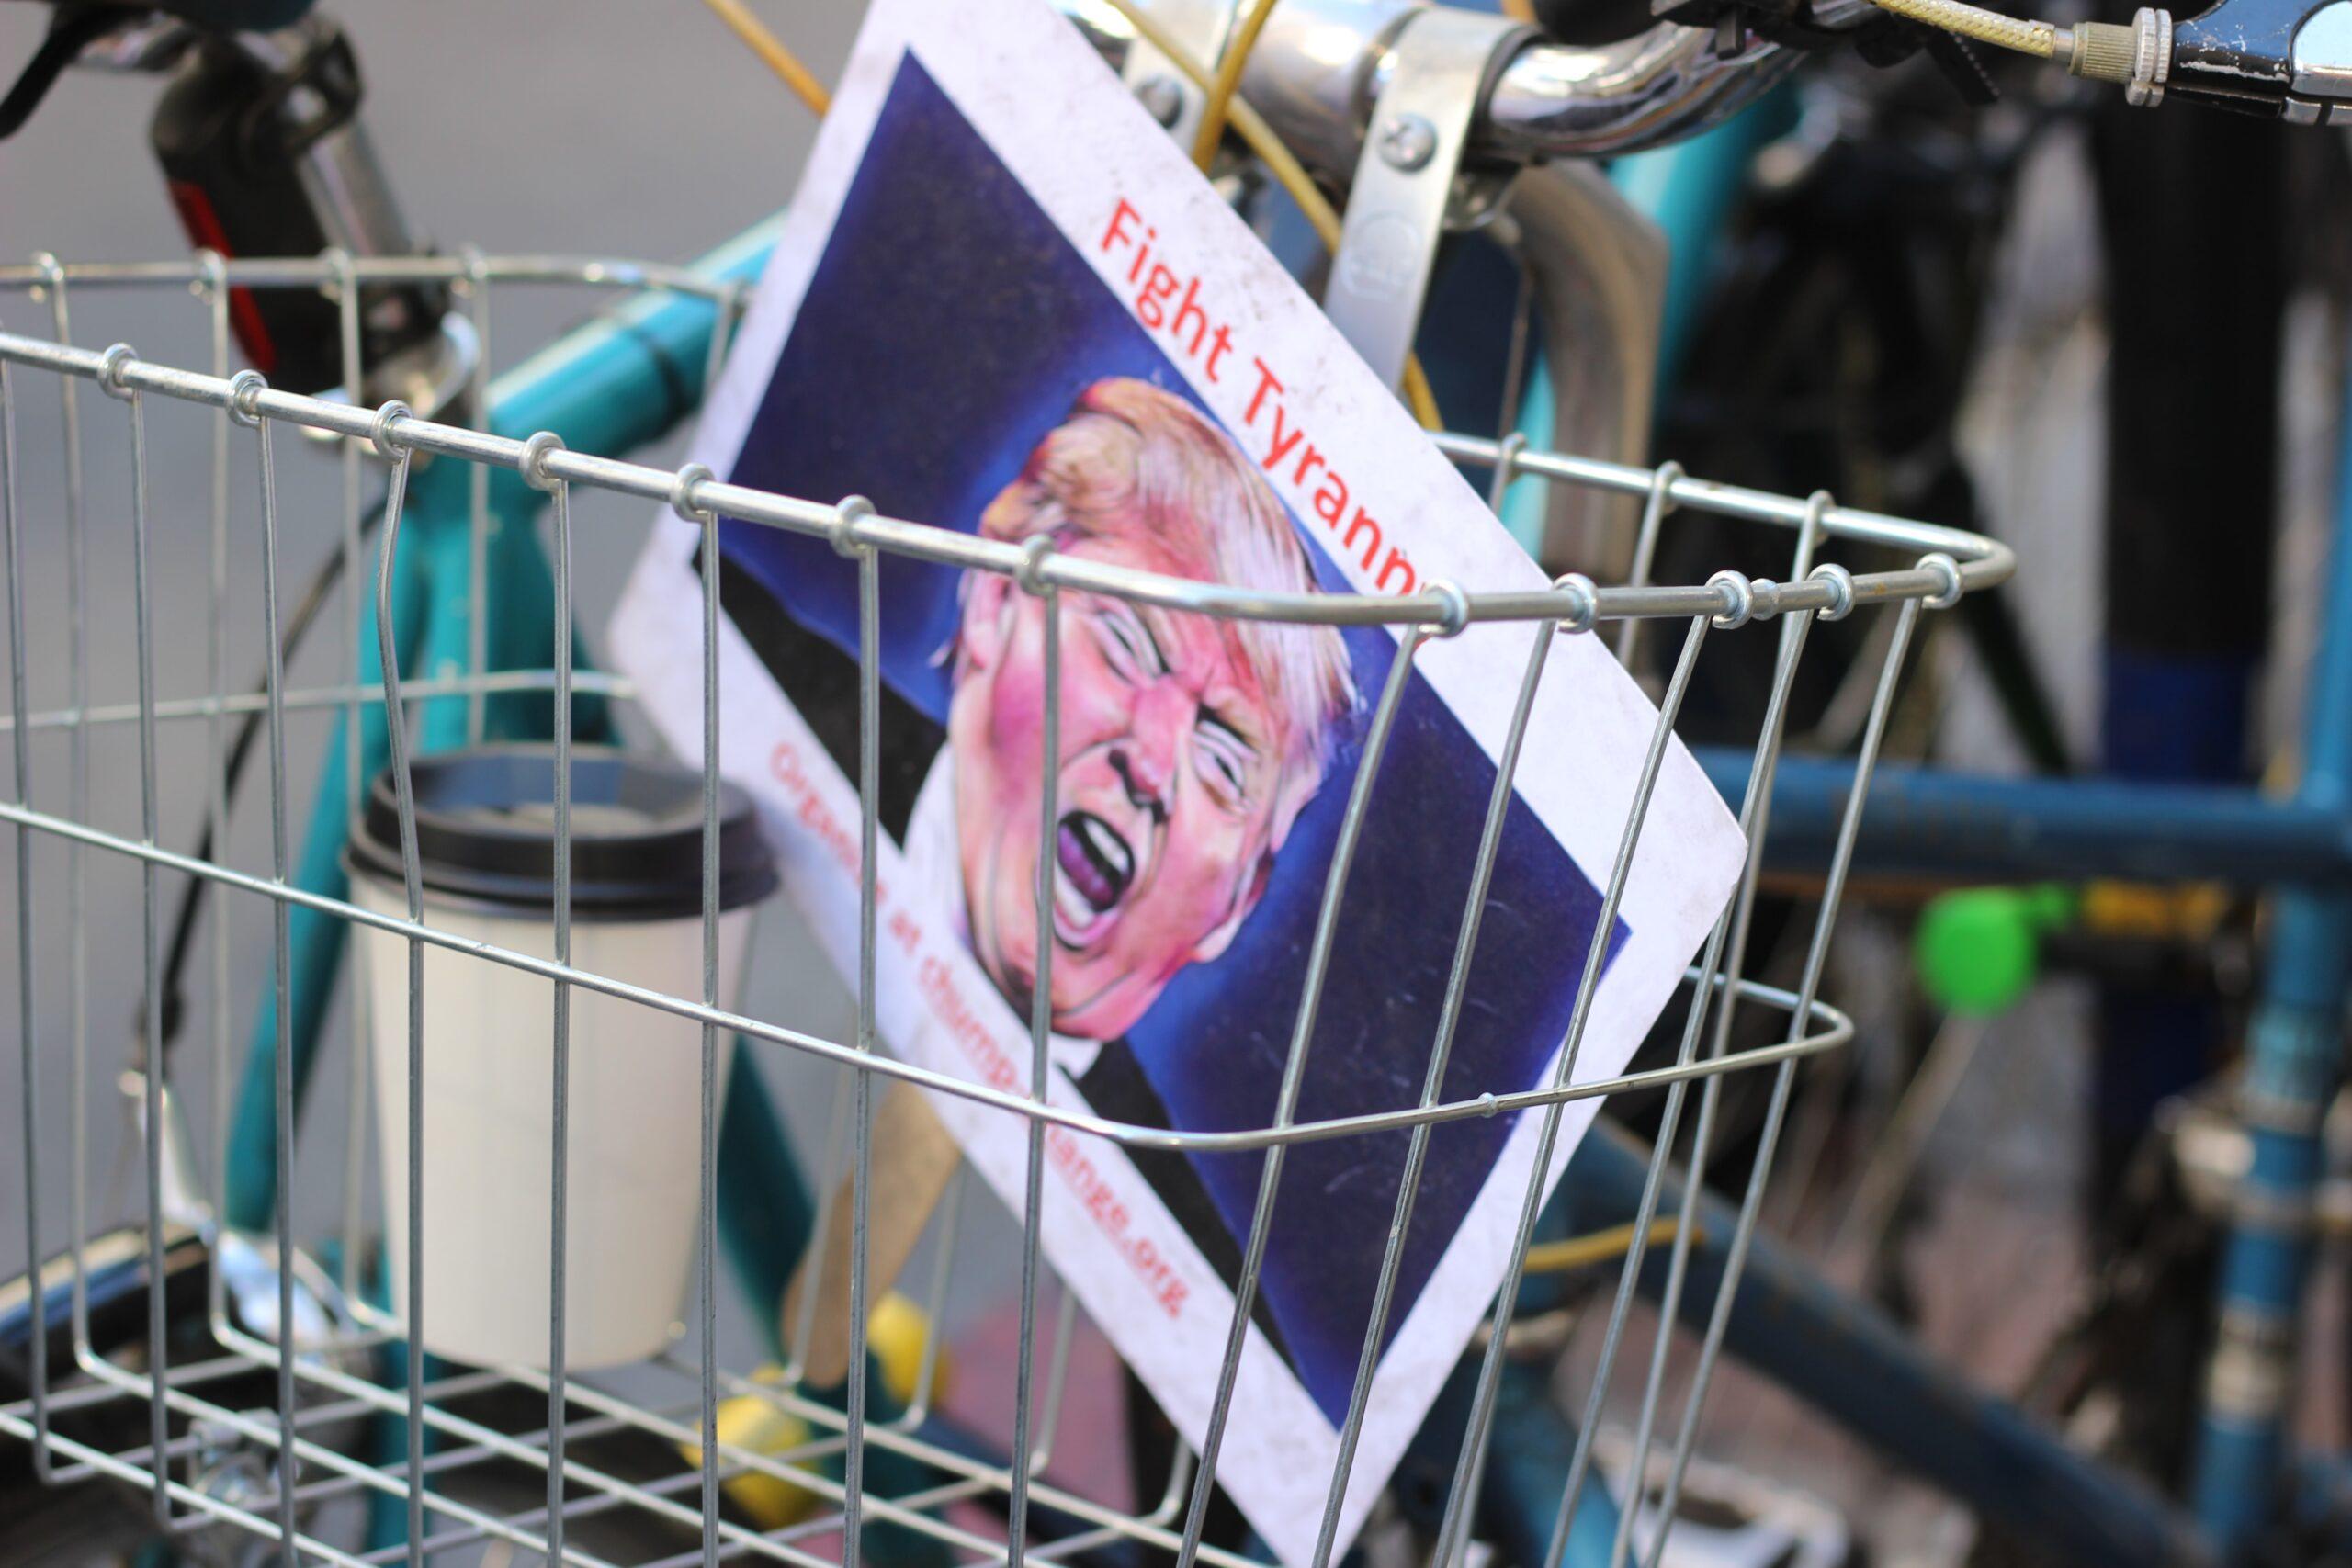 Plakatas prieš Donaldą Trumpą pirkinių vežimėlyje